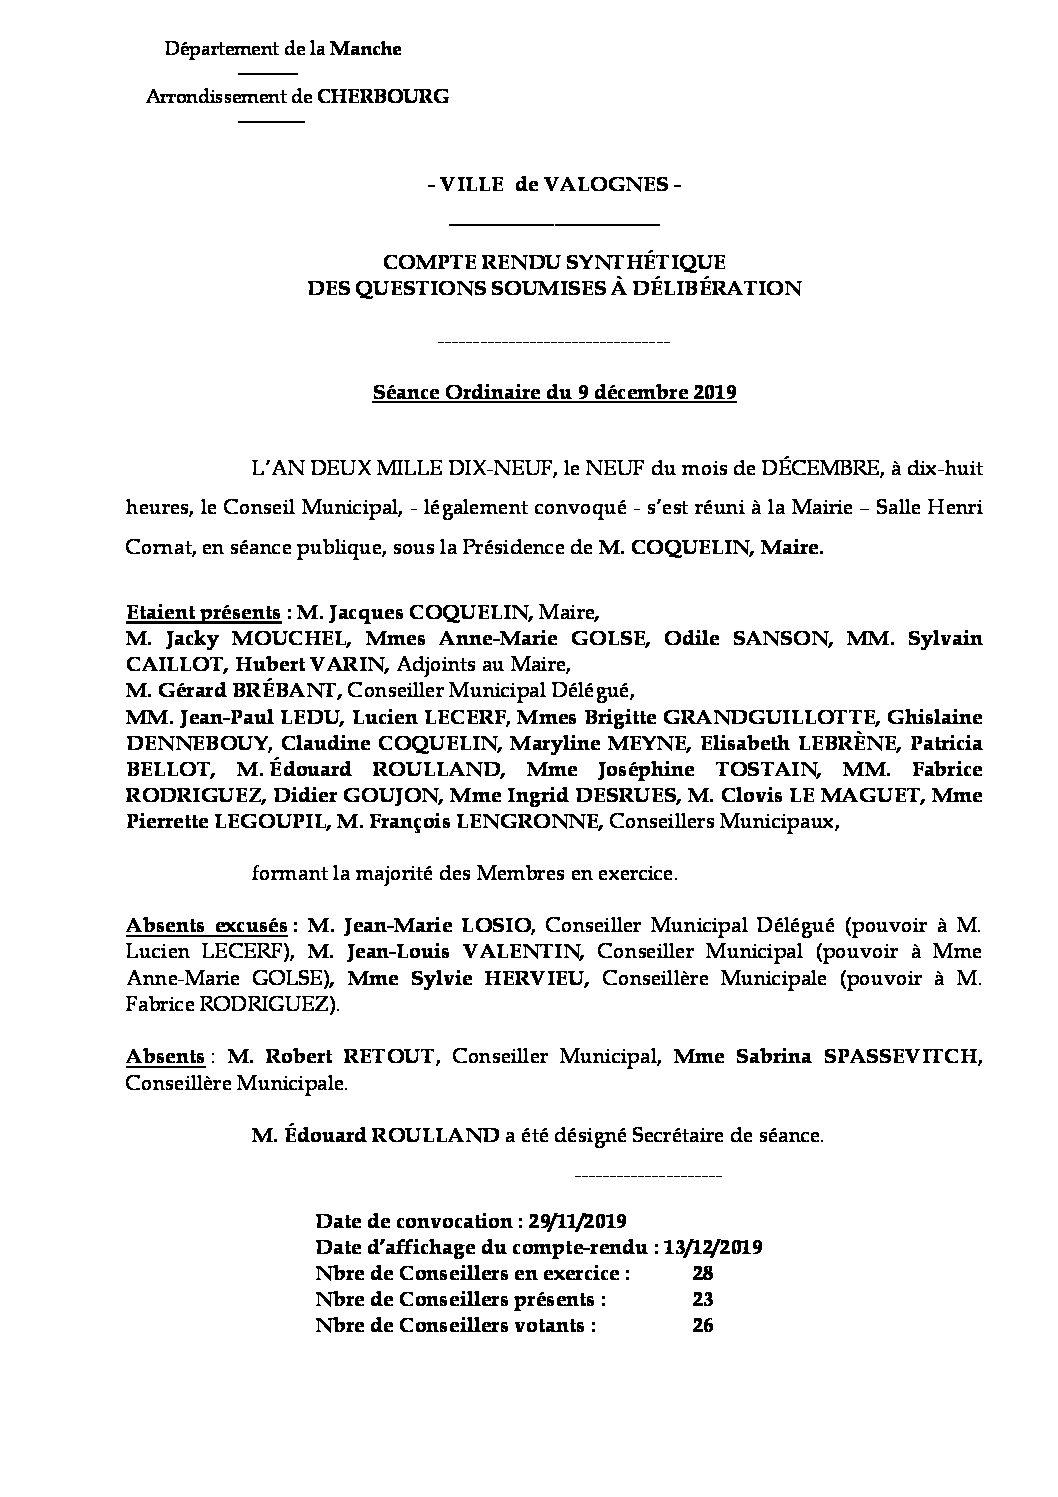 Compte rendu synthétique 09 12 19 - Compte rendu synthétique des questions soumises à délibération lors de la séance du Conseil Municipal de 9 décembre 2019.